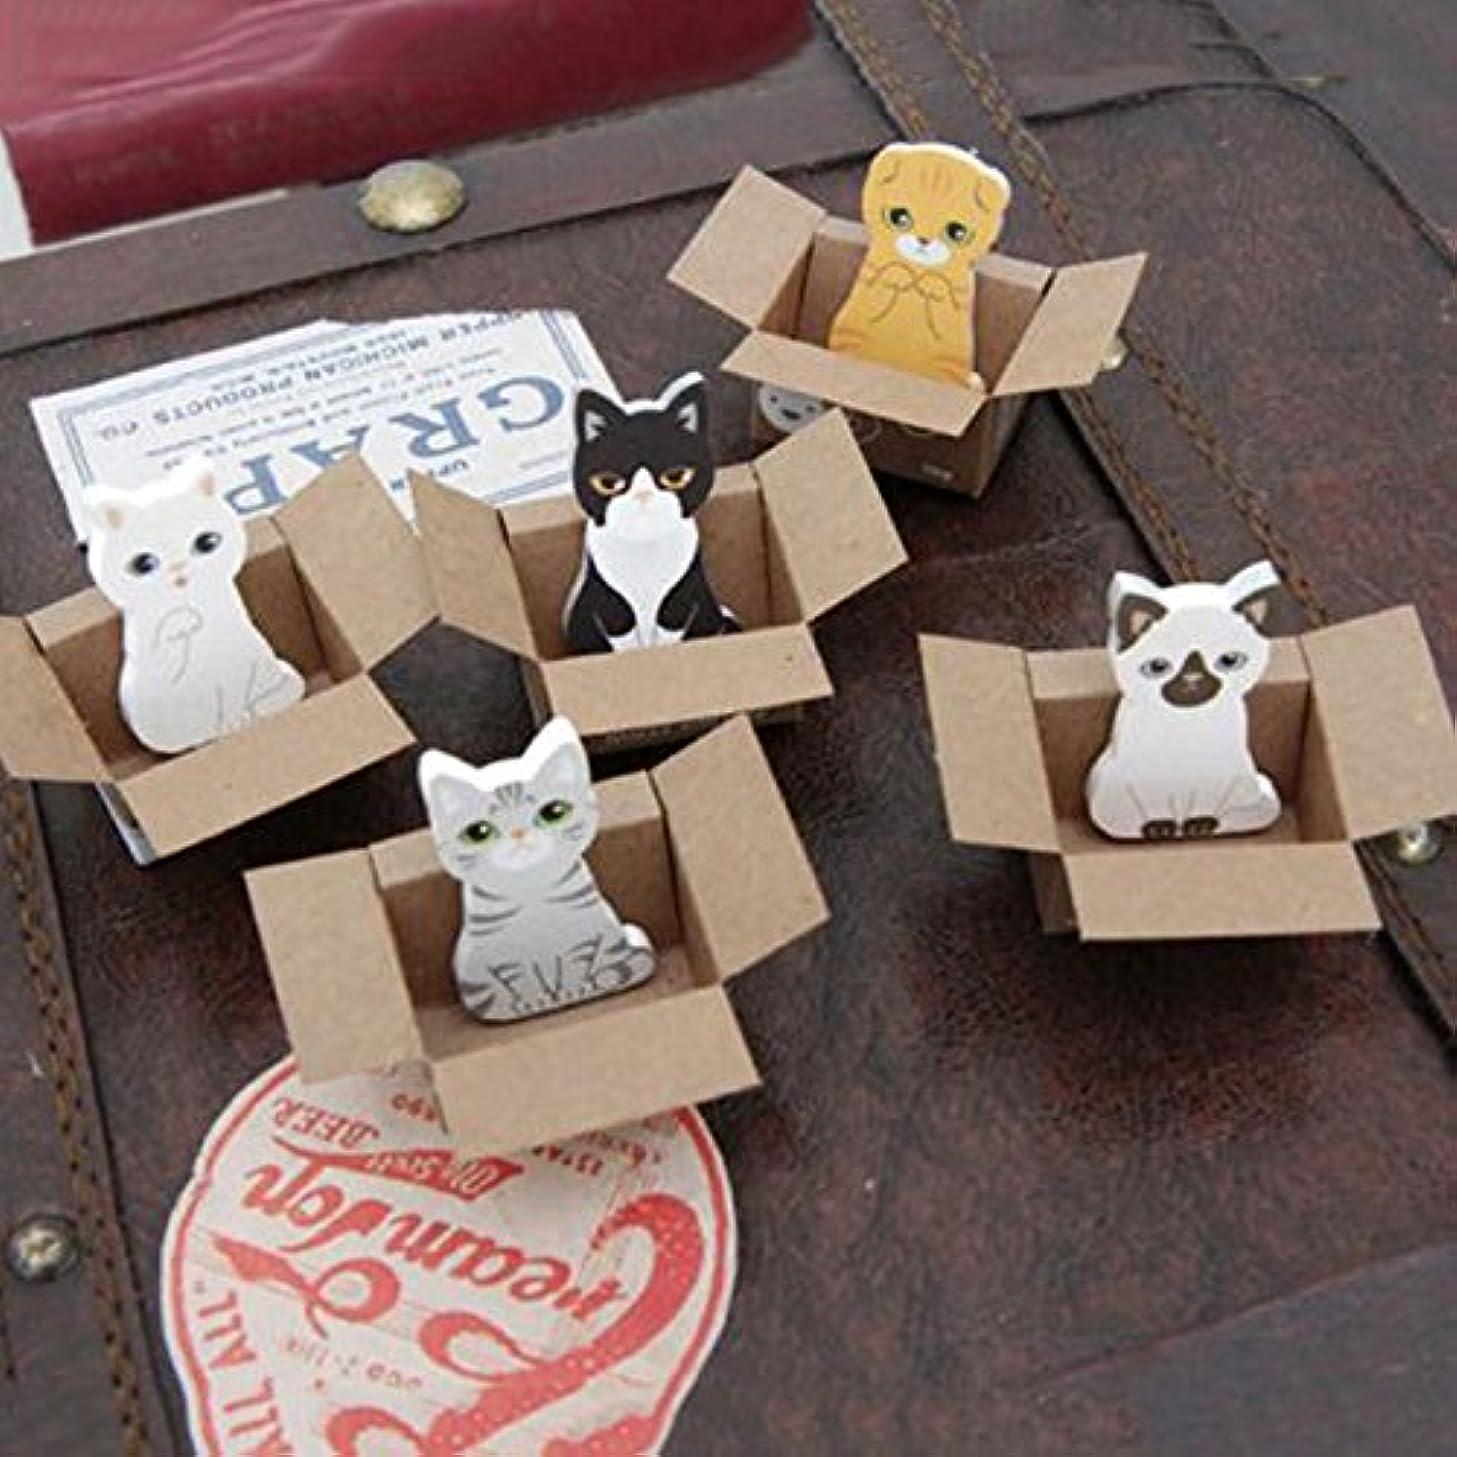 引くケント抱擁Jicorzo - 3pcsの/たくさんおかしい犬猫ステッカーホームデコレーションかわいい表デスクトップ装飾装飾は、それが紙に注意してください投稿します